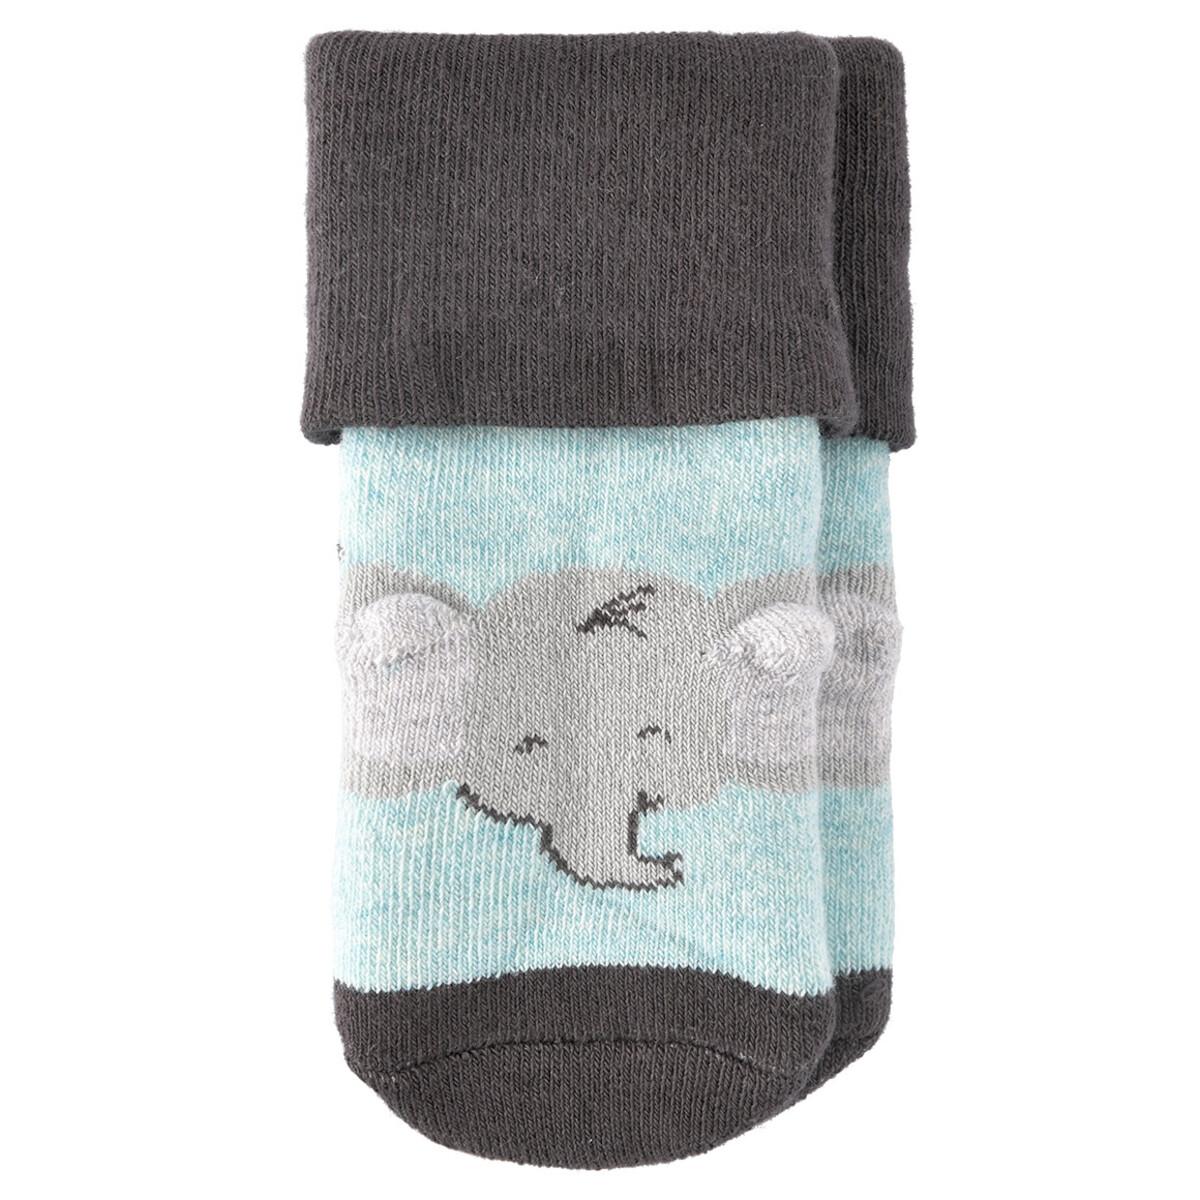 Bild 4 von 3 Paar Newborn Socken im Set